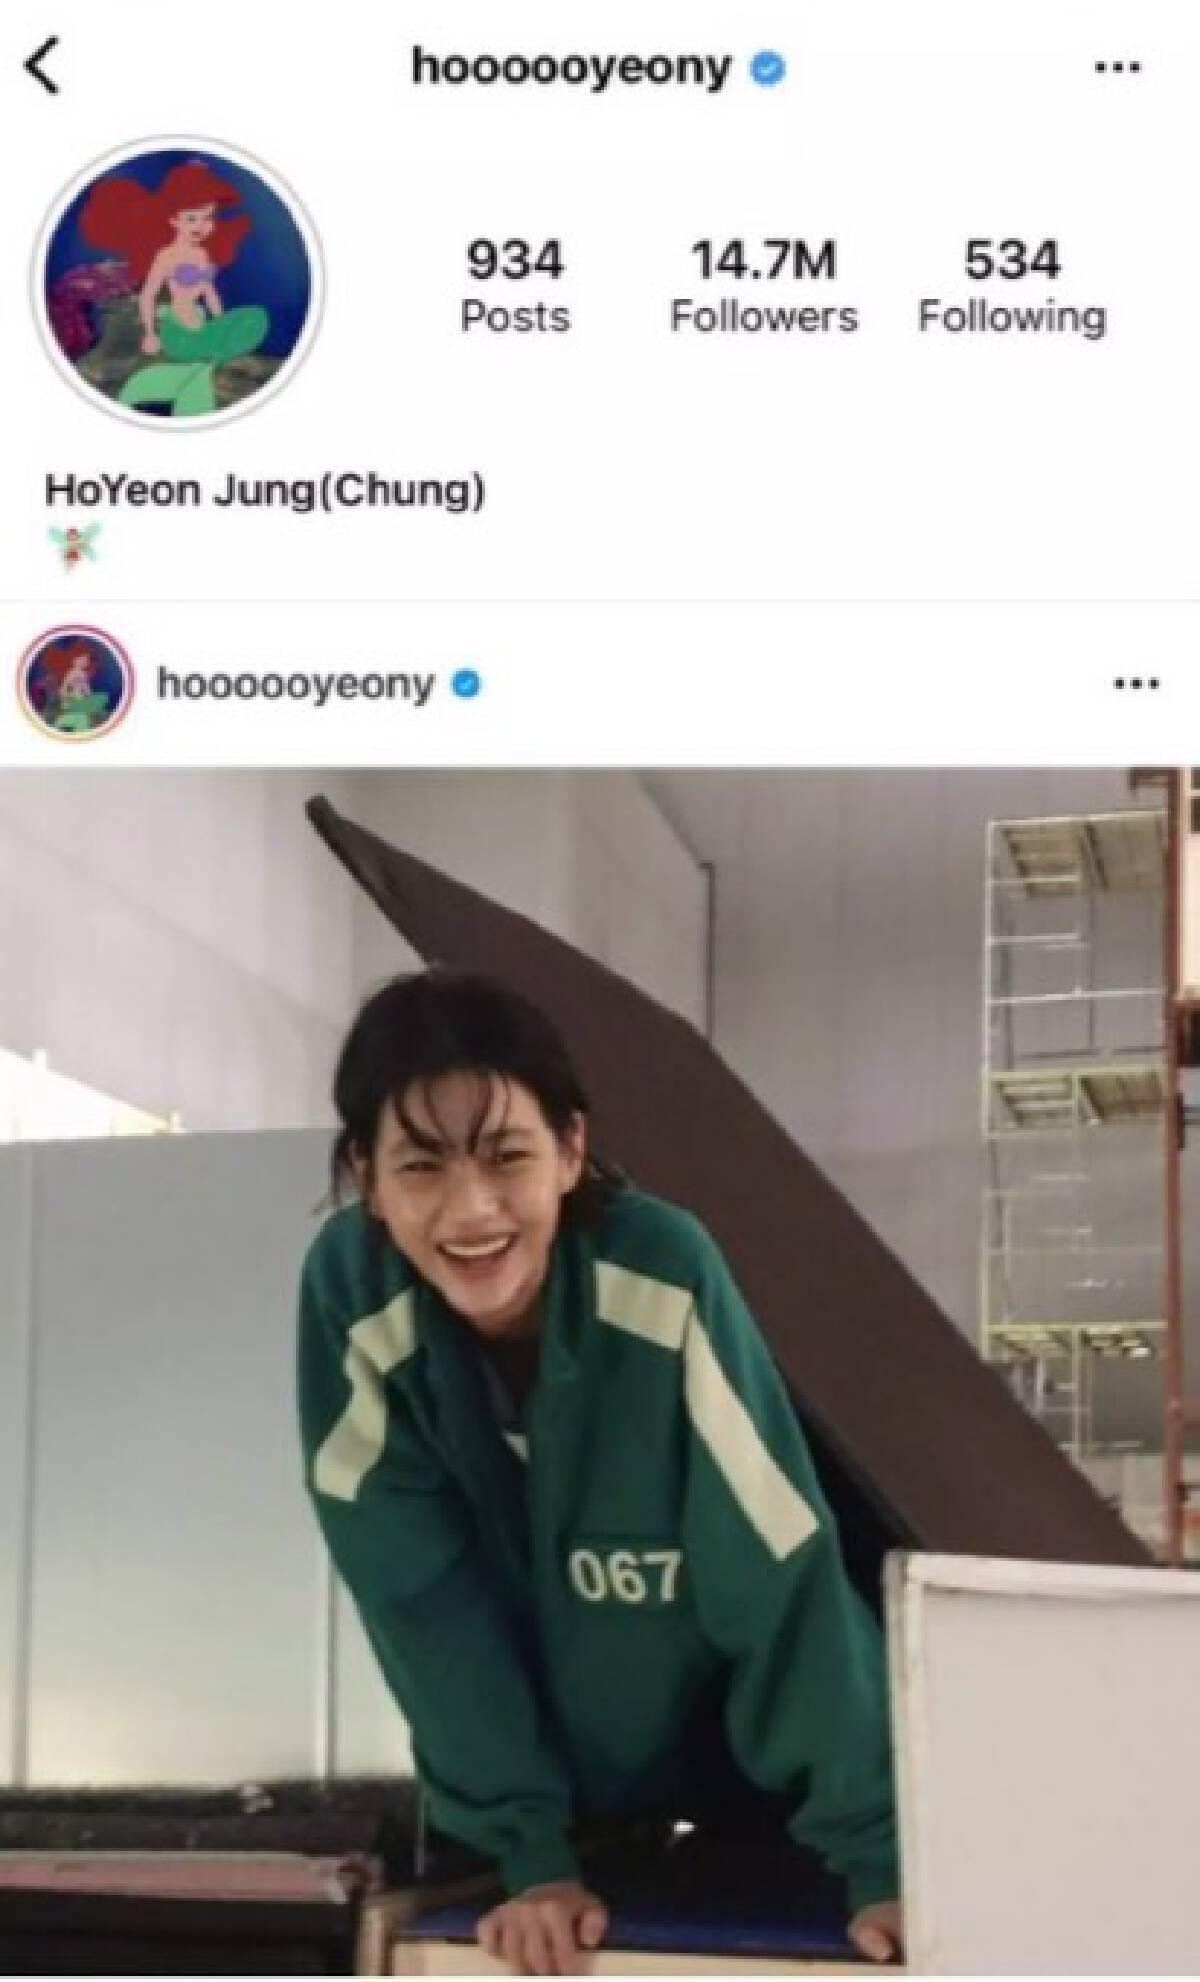 """สุดปัง """"จอง โฮยอน"""" แห่ง Squid Game ขึ้นอันดับ 1 มีผู้ติดตามมากสุดในเกาหลี"""